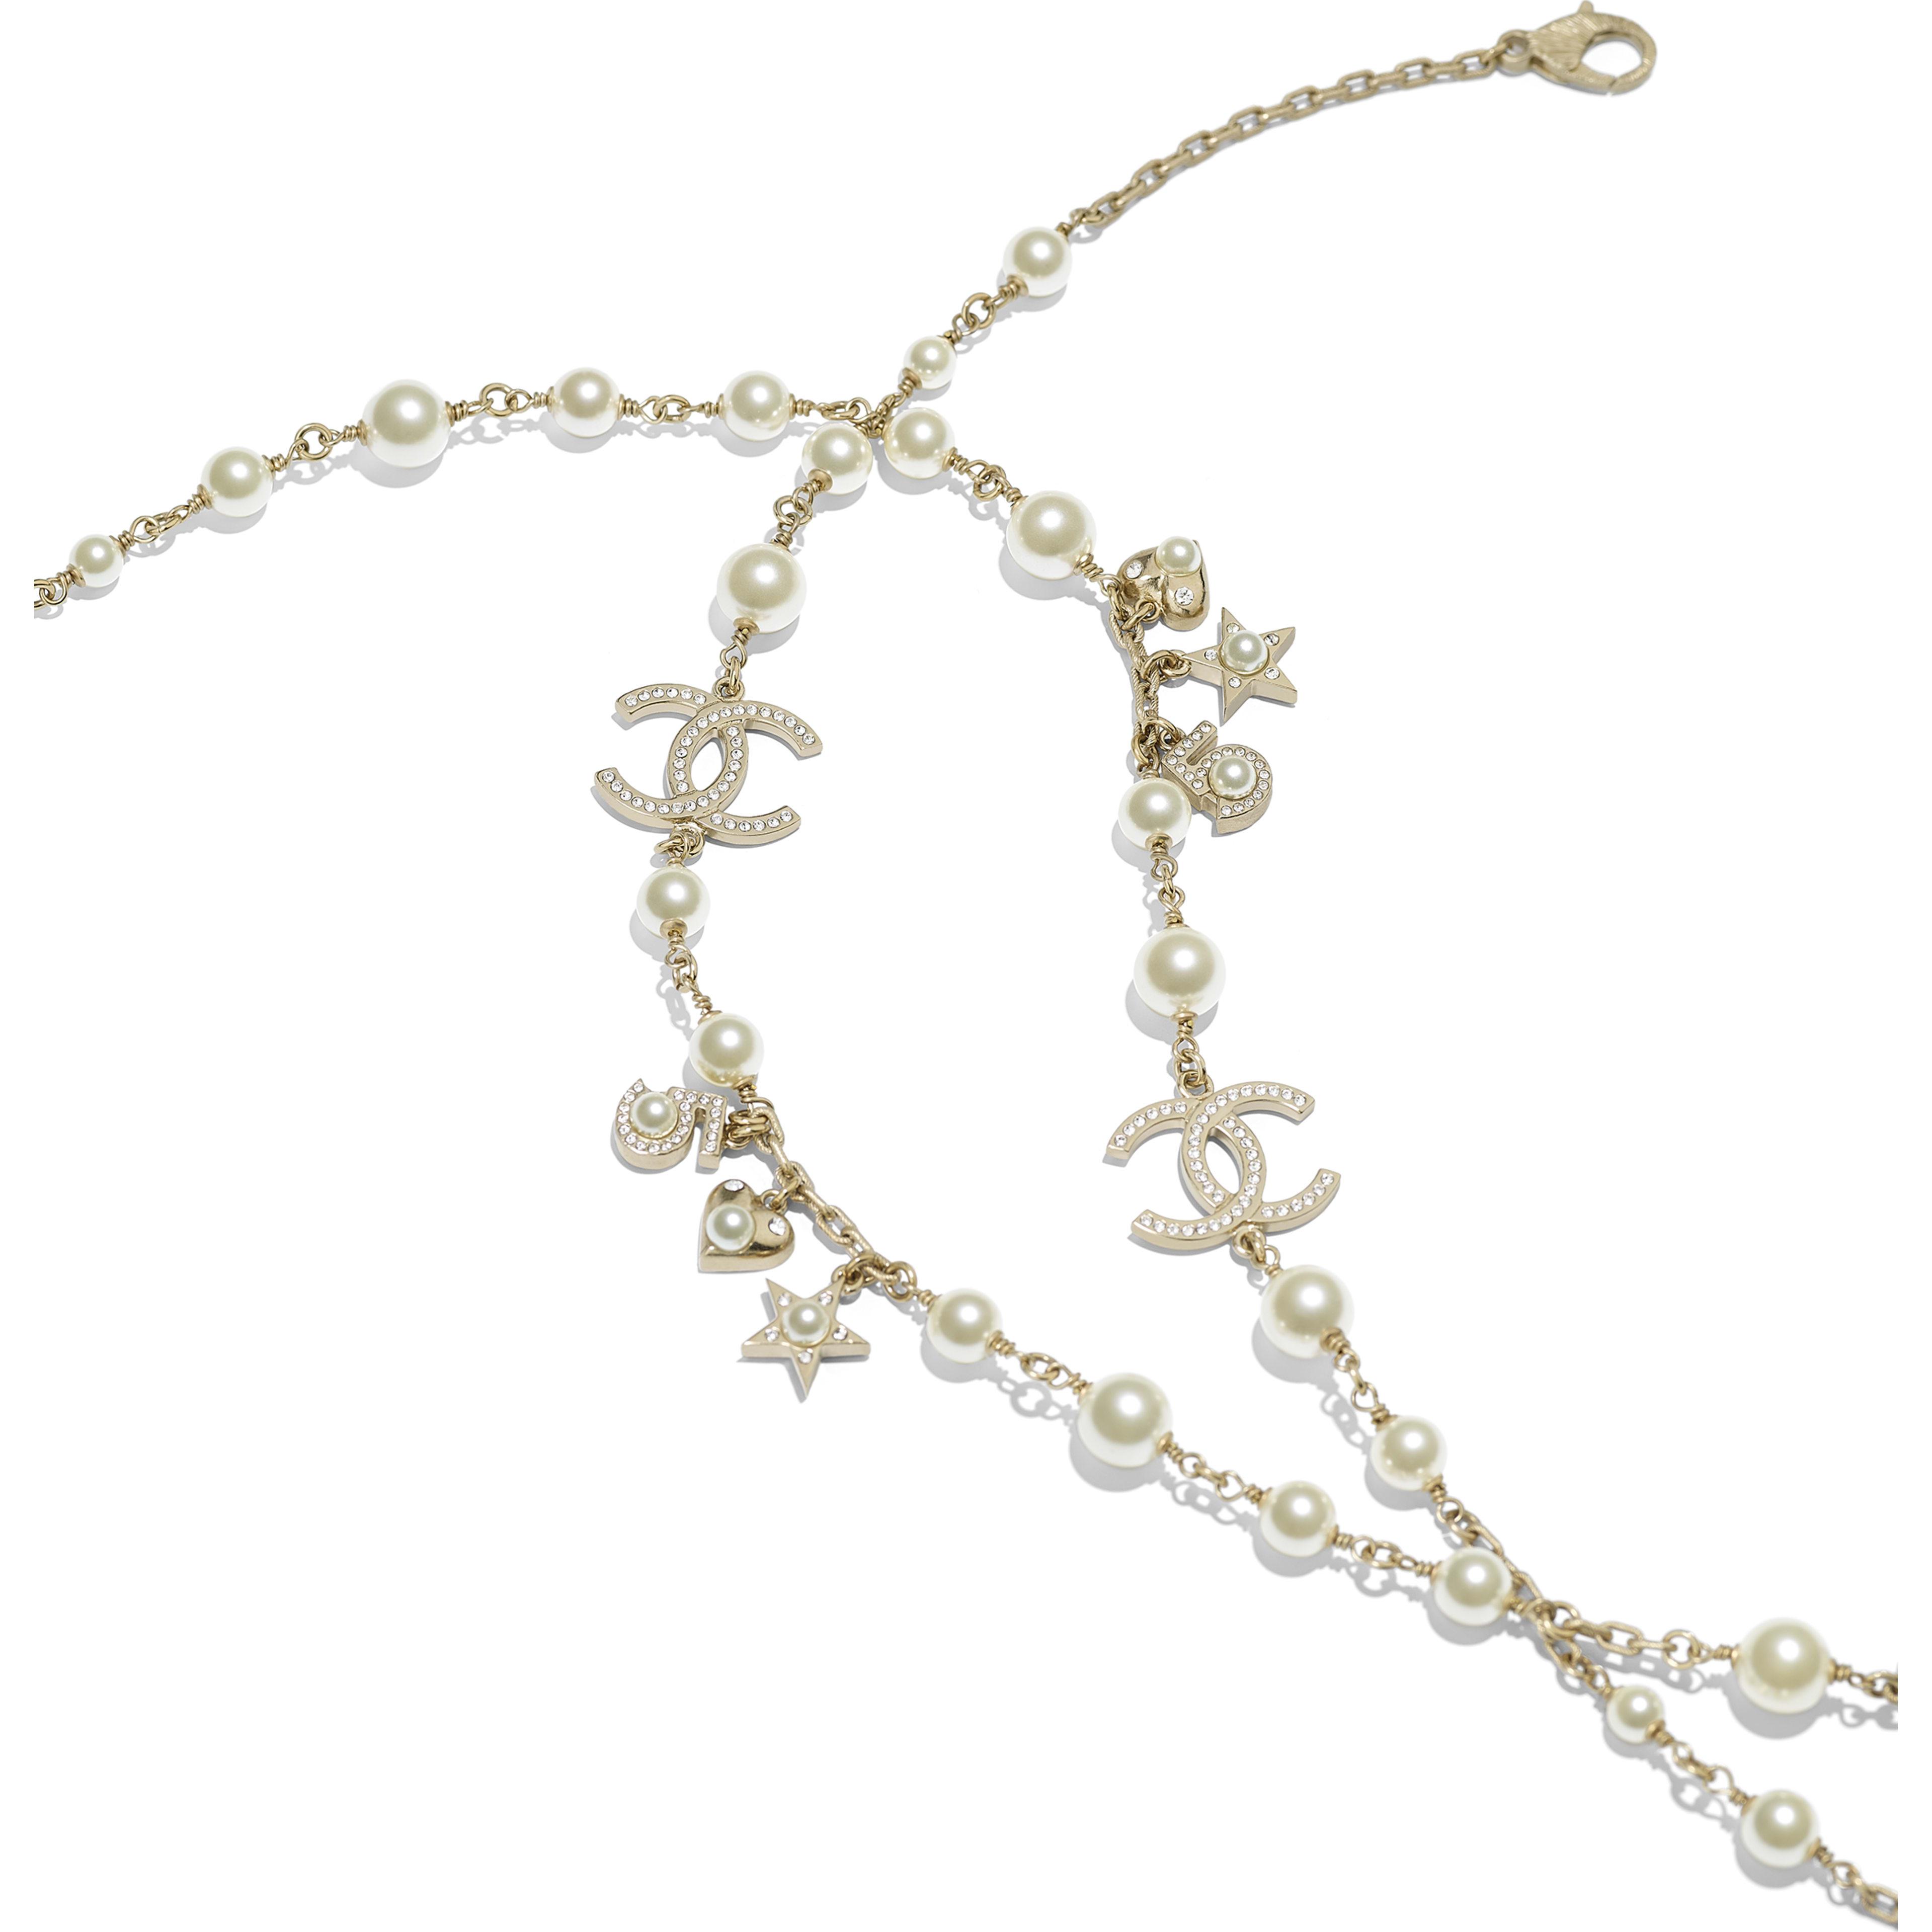 長項鏈 - 金、珍珠白與水晶 - 金屬、琉璃珠與水鑽 - 替代視圖 - 查看全尺寸版本